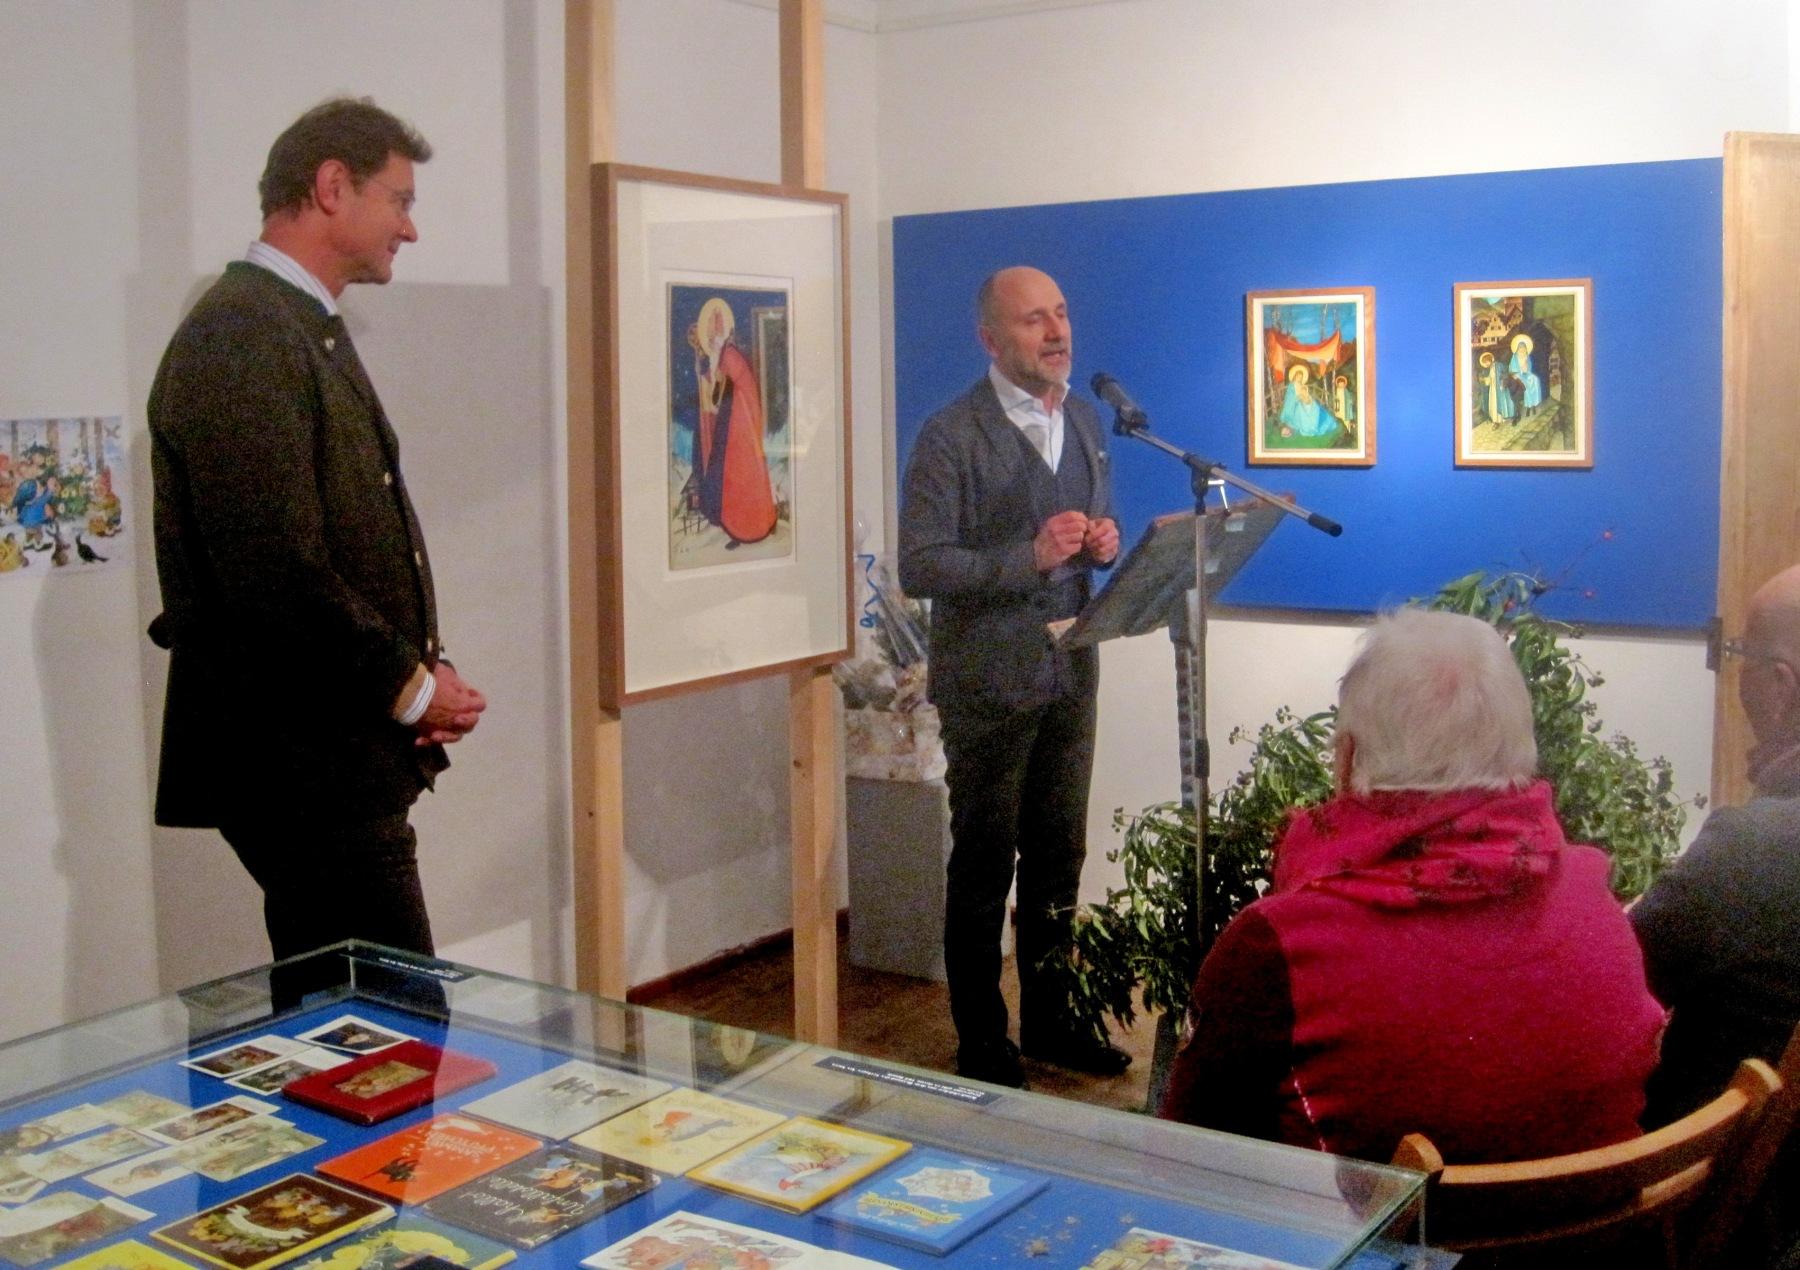 Bei der Ausstellungseröffnung im Priener Heimatmuseum Dr. Christoph Kürzeder (re.) mit Bürgermeister Jürgen Seifert von der Marktgemeinde Prien.